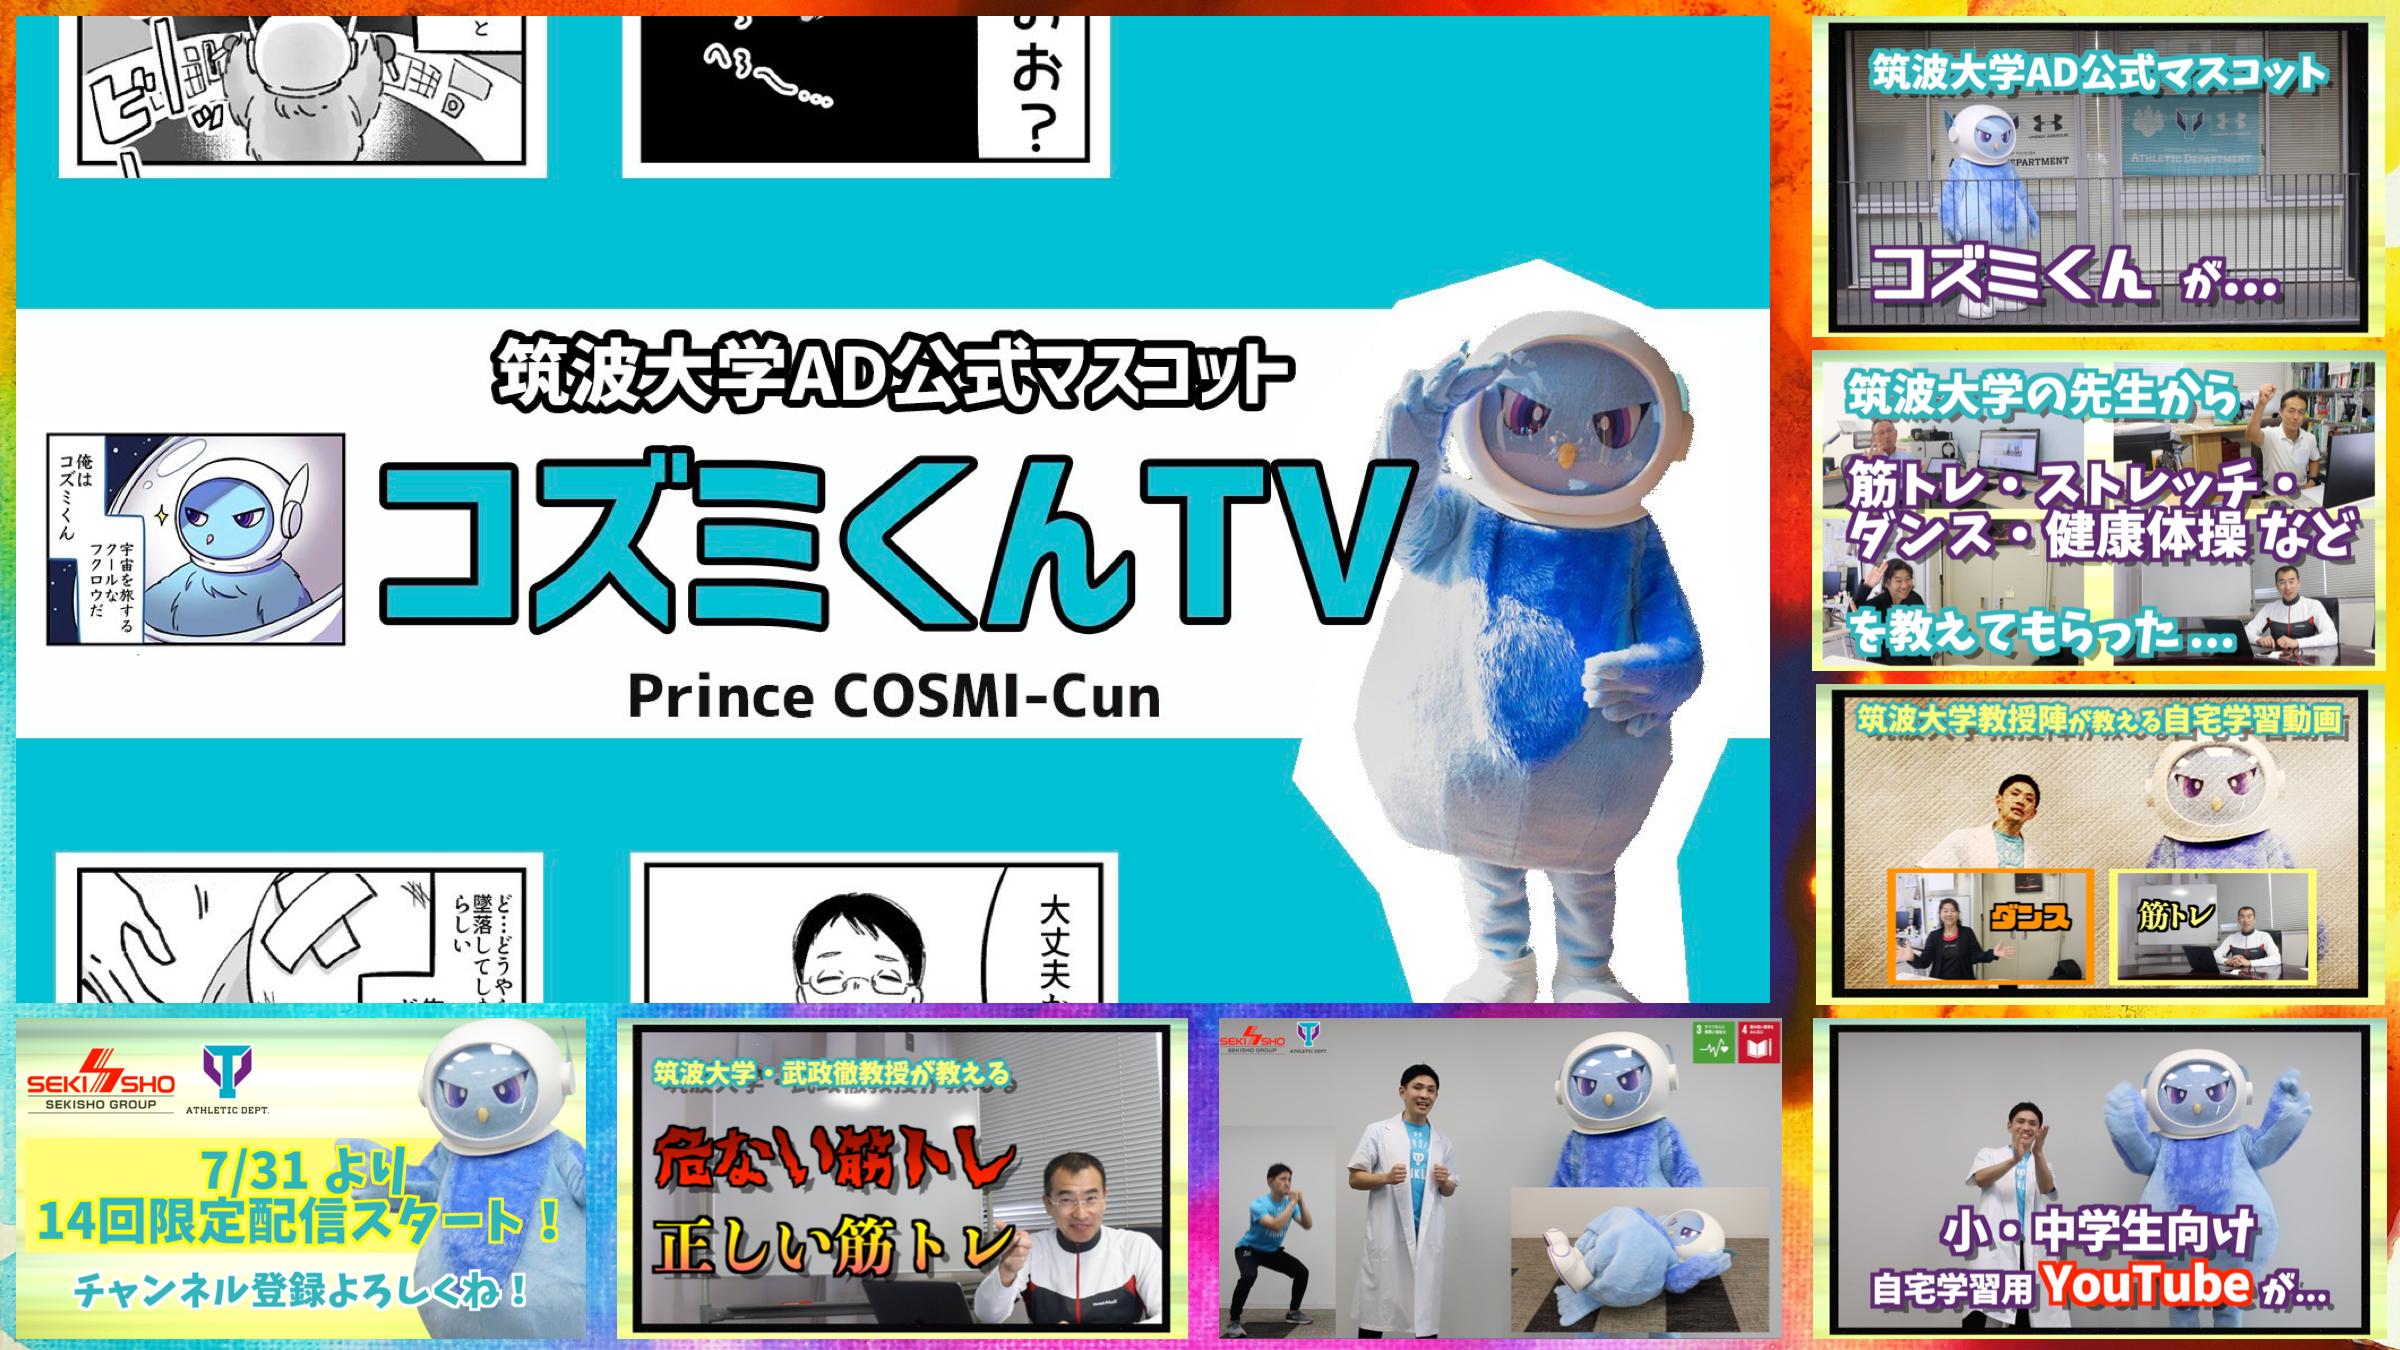 コズミくんTV広報用サムネイル